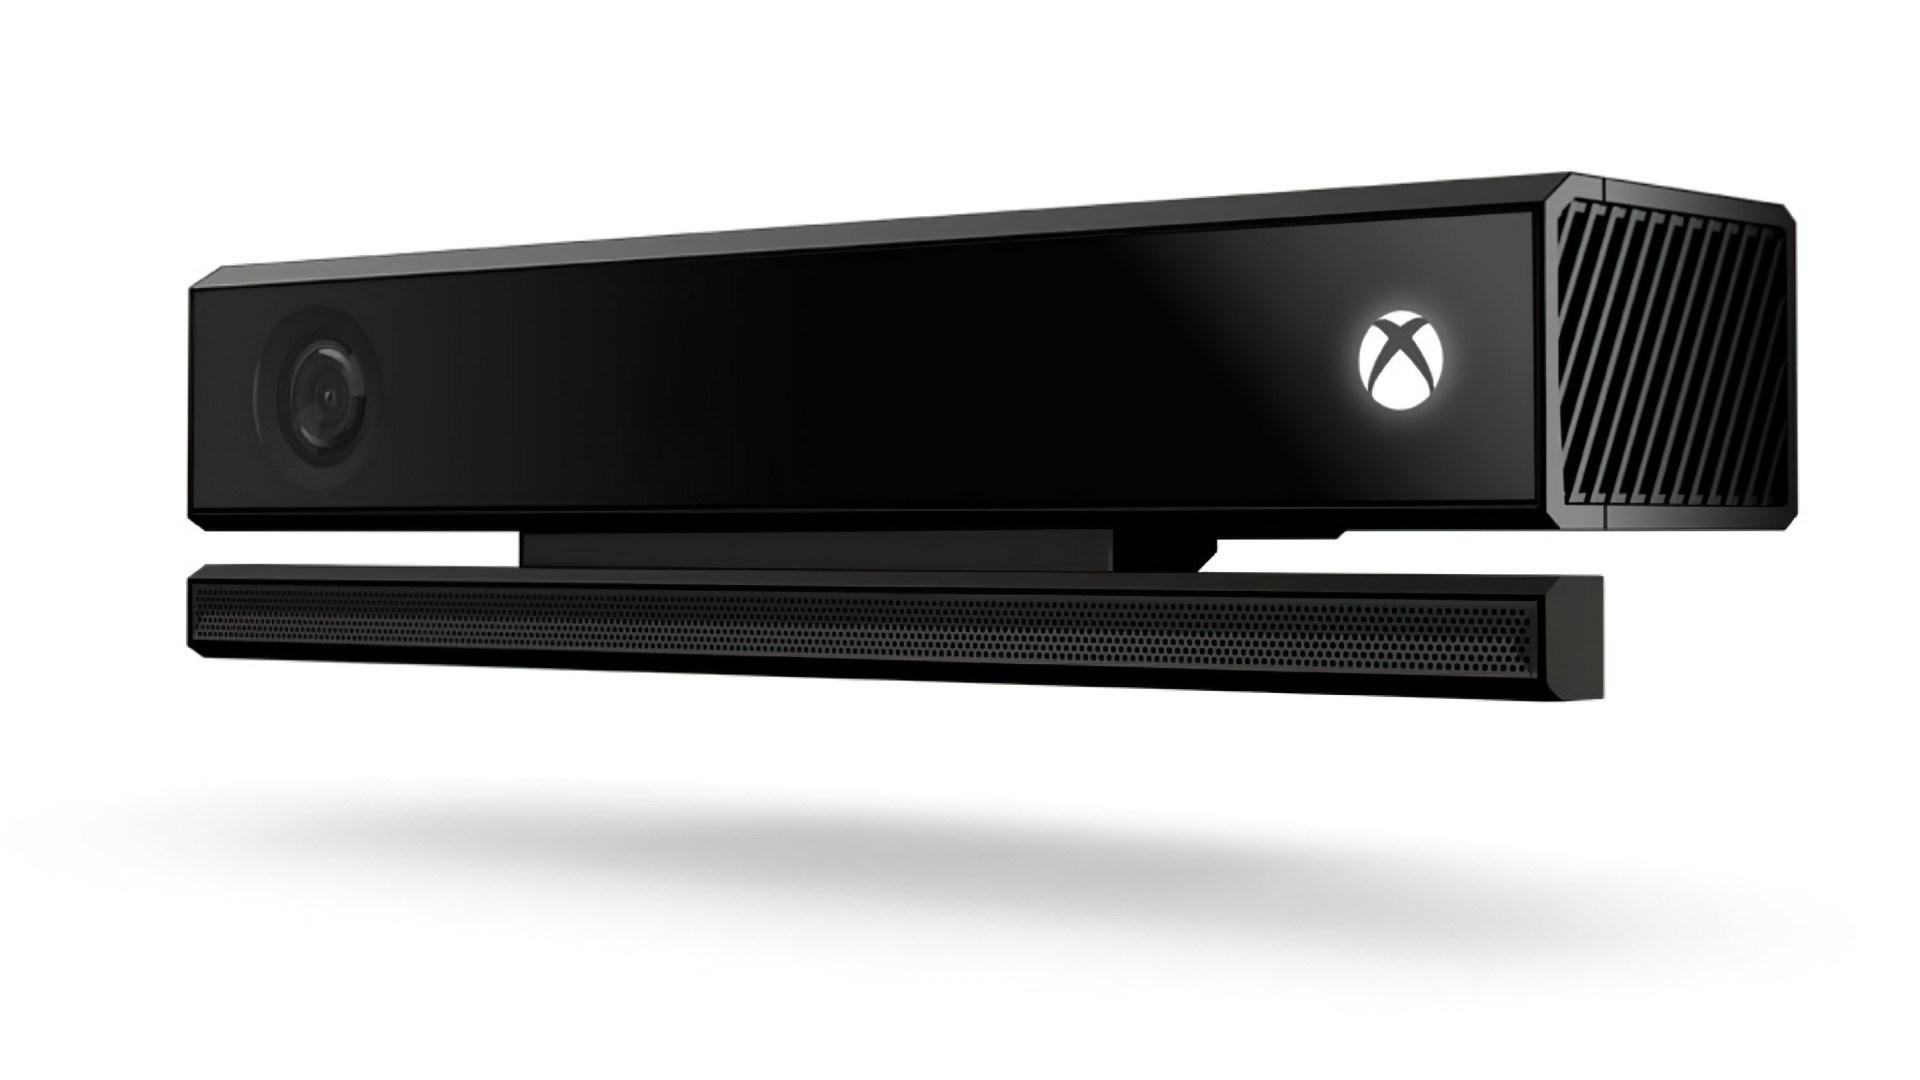 Microsoft, Spielkonsole, Xbox One, Kinect, Bewegungssteuerung, Kinect 2, Eingabe